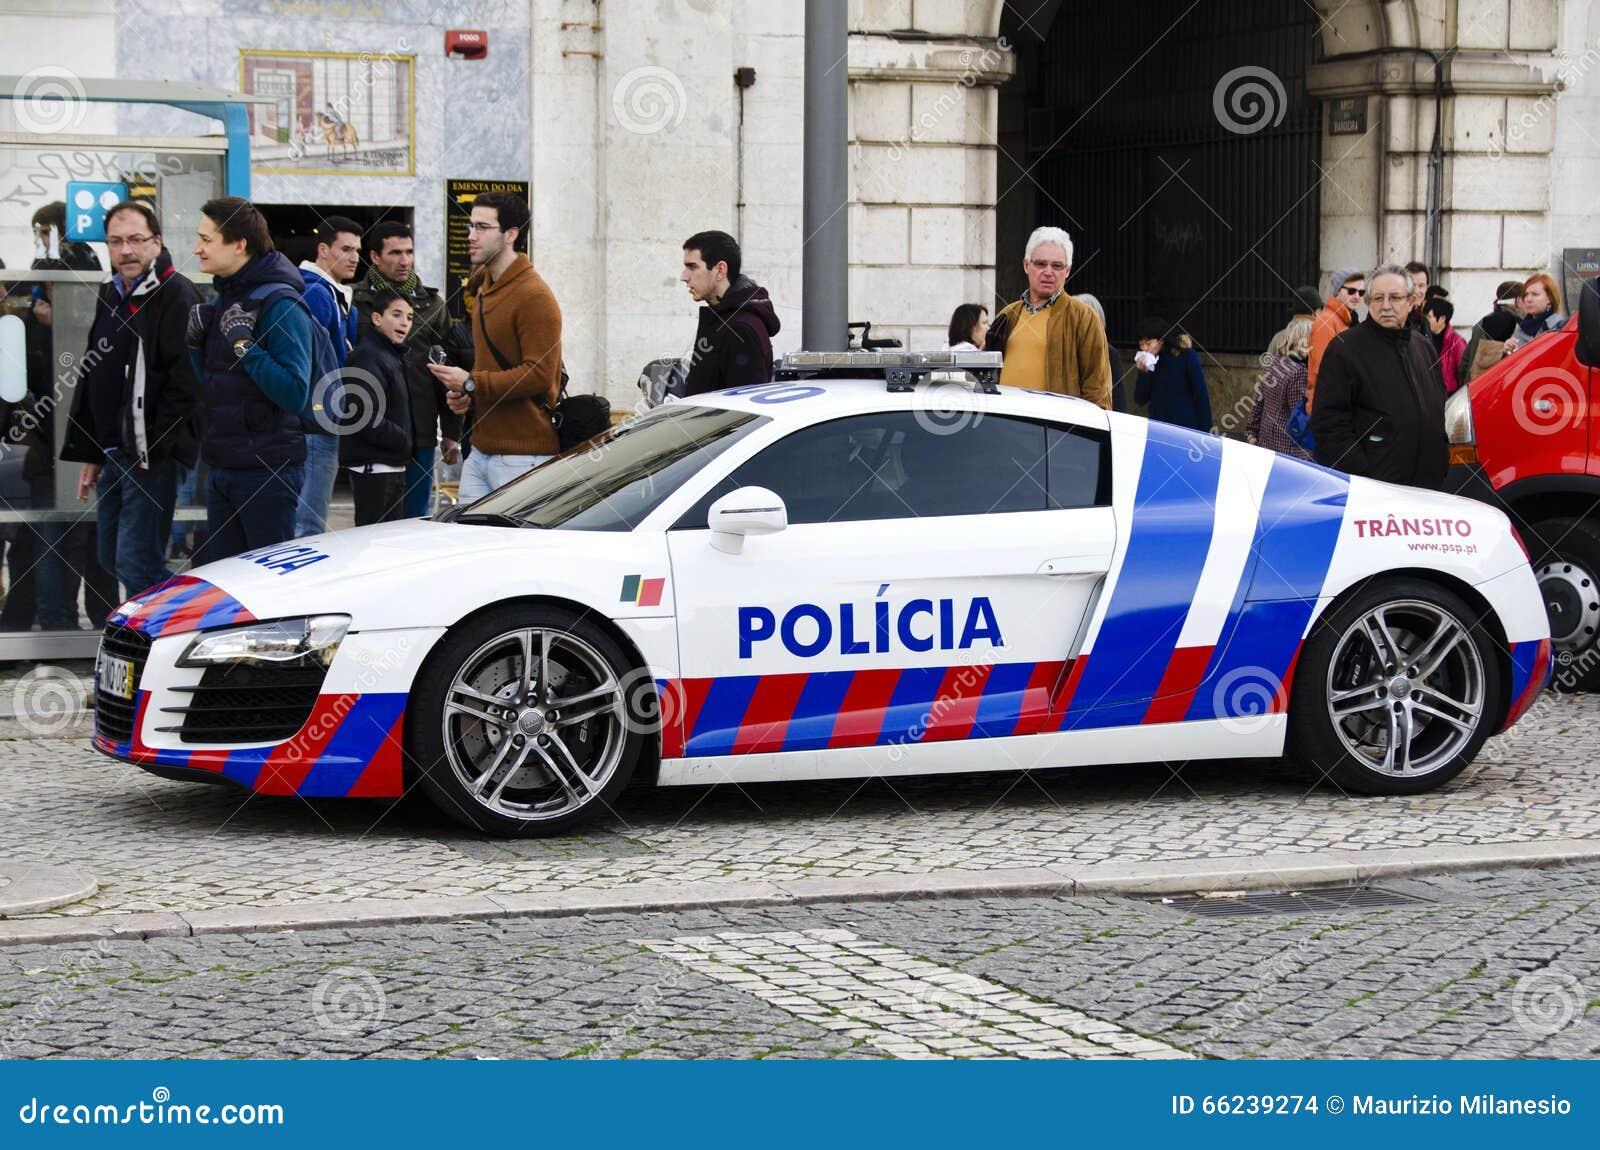 voiture de police gar e sur une rue de ville lisbonne portugal l 39 europe image stock. Black Bedroom Furniture Sets. Home Design Ideas